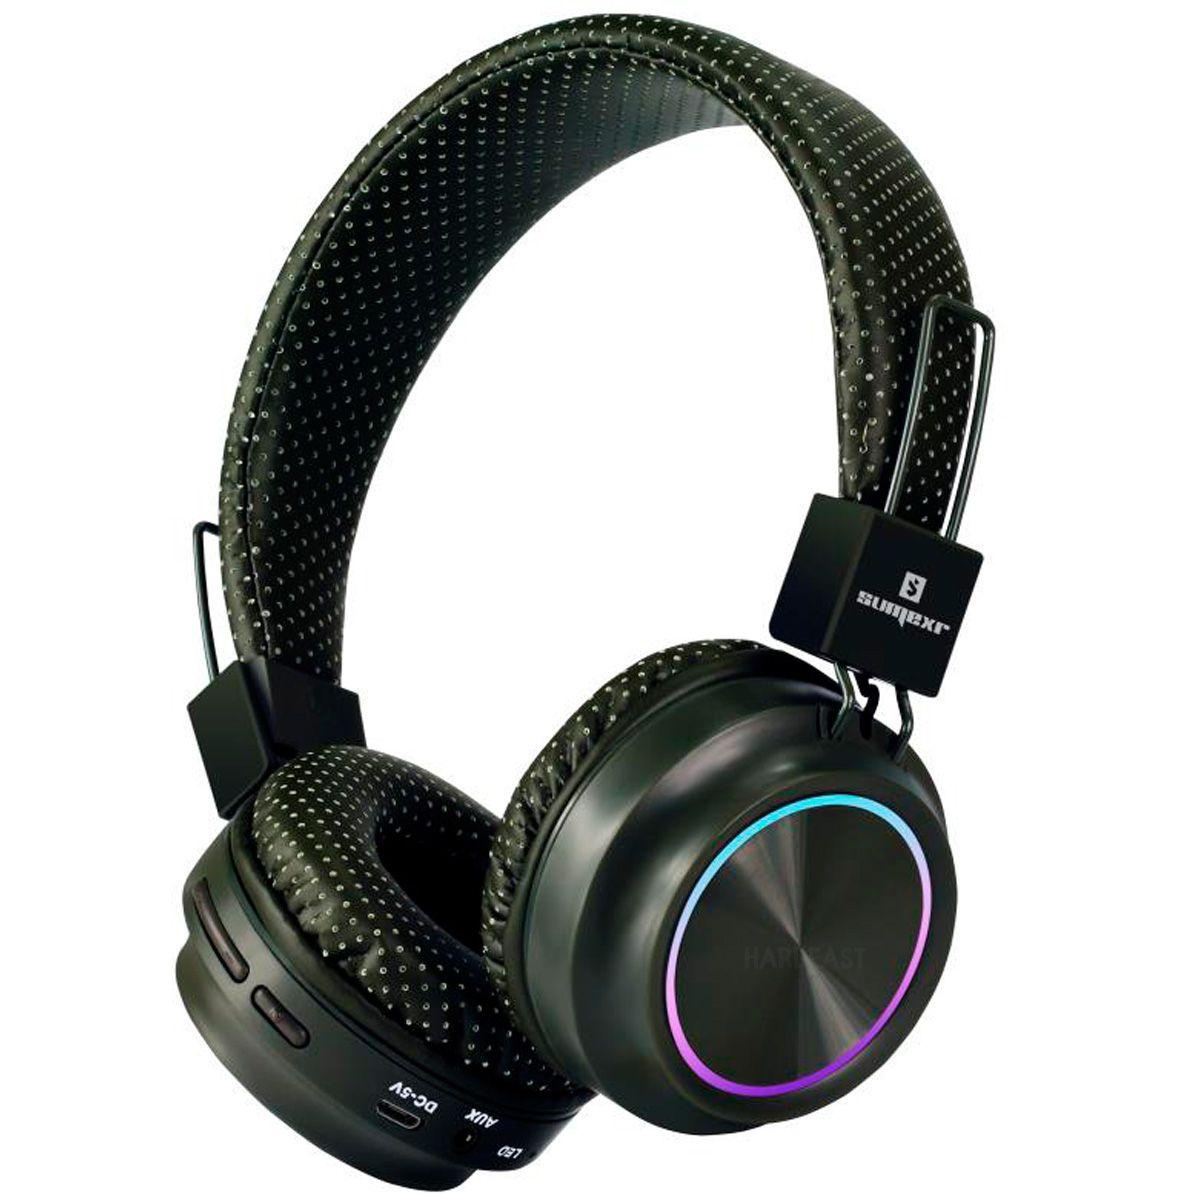 Fone de ouvido bluetooth SumeXr Sly06 CrazyBass Fm Sd Stereo Favix  - HARDFAST INFORMÁTICA